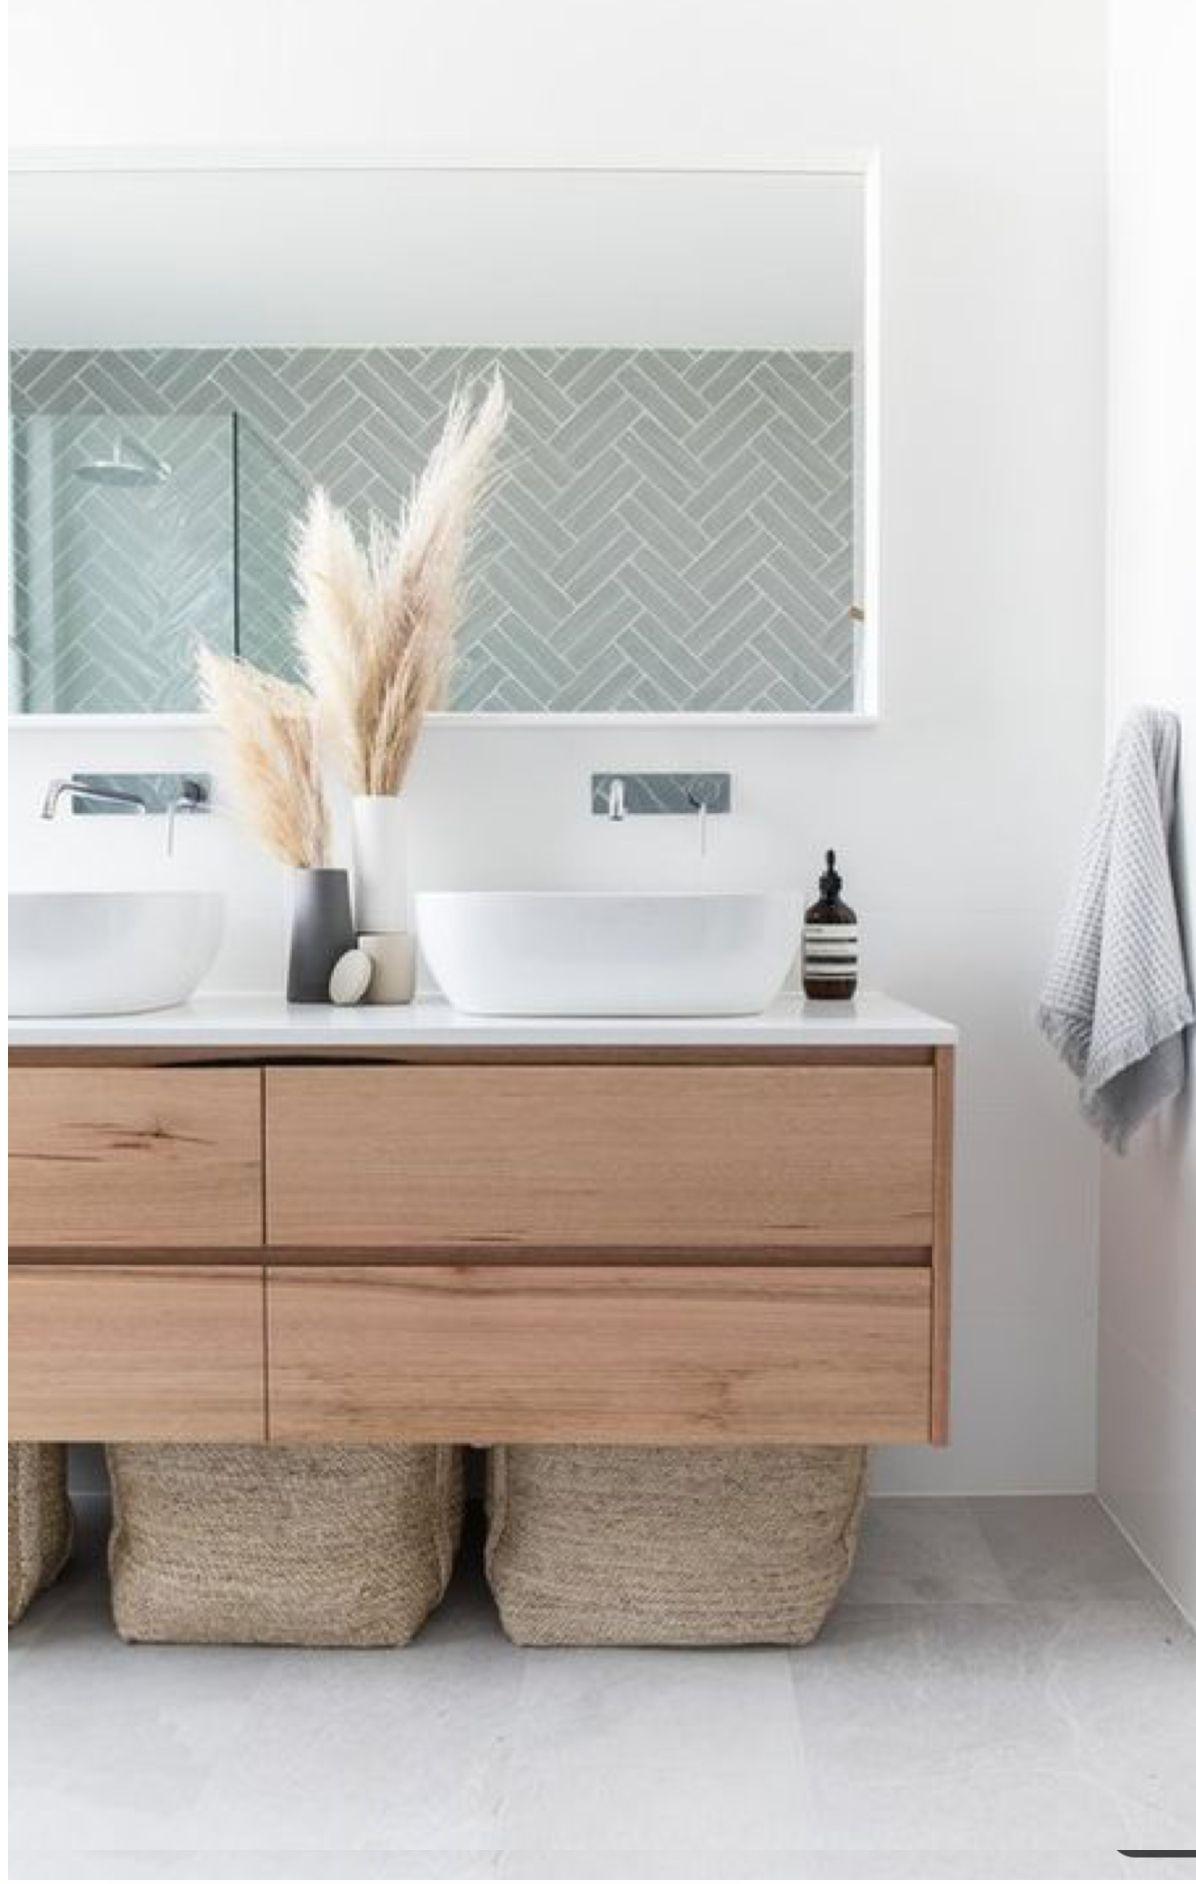 Pin Von Judy Auf Badezimmer Bad Inspiration Badezimmerfliesen Moderne Badezimmerideen